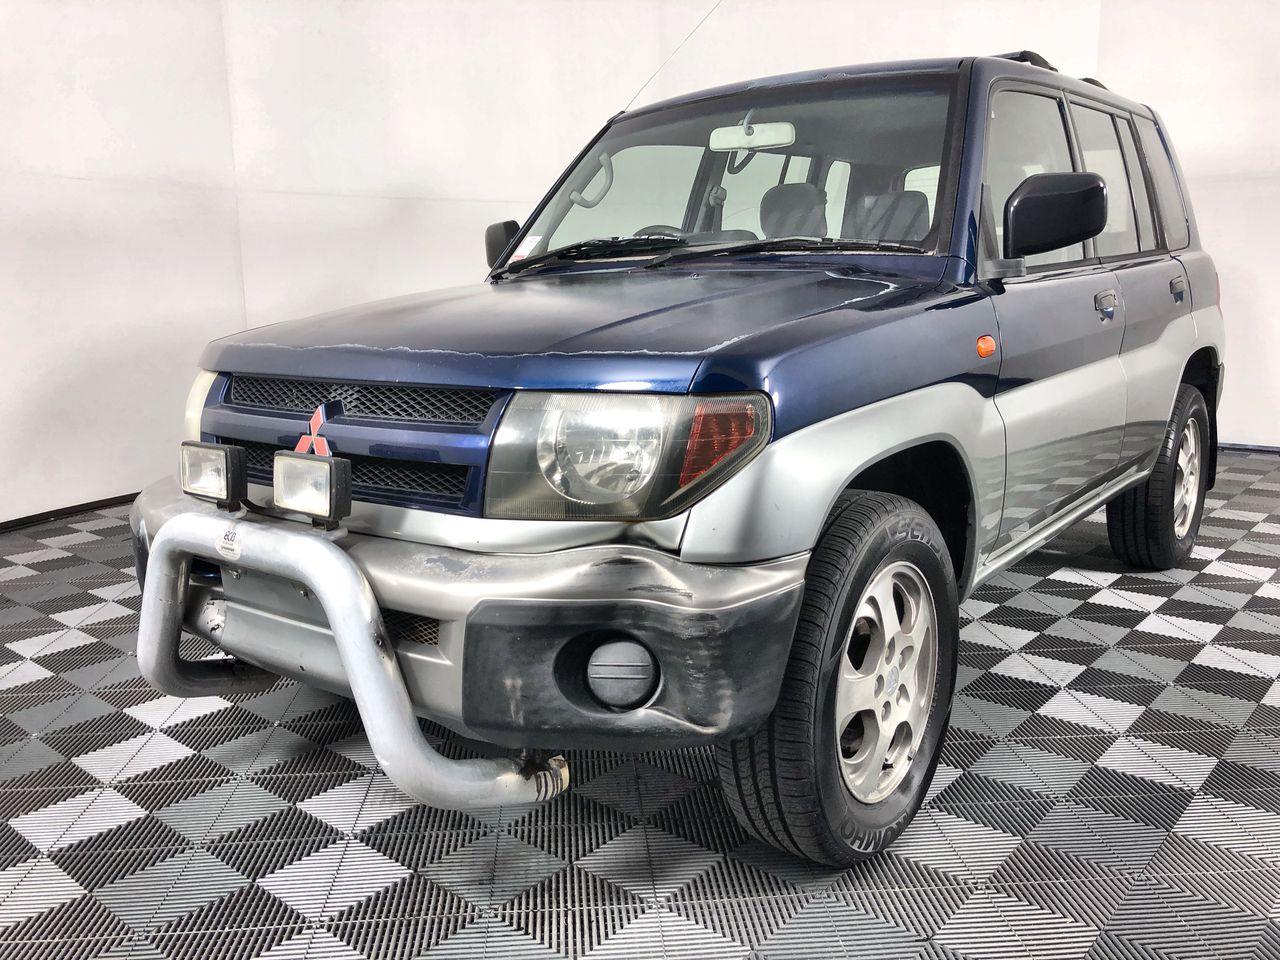 1999 Mitsubishi Pajero IO (4x4) Automatic Wagon